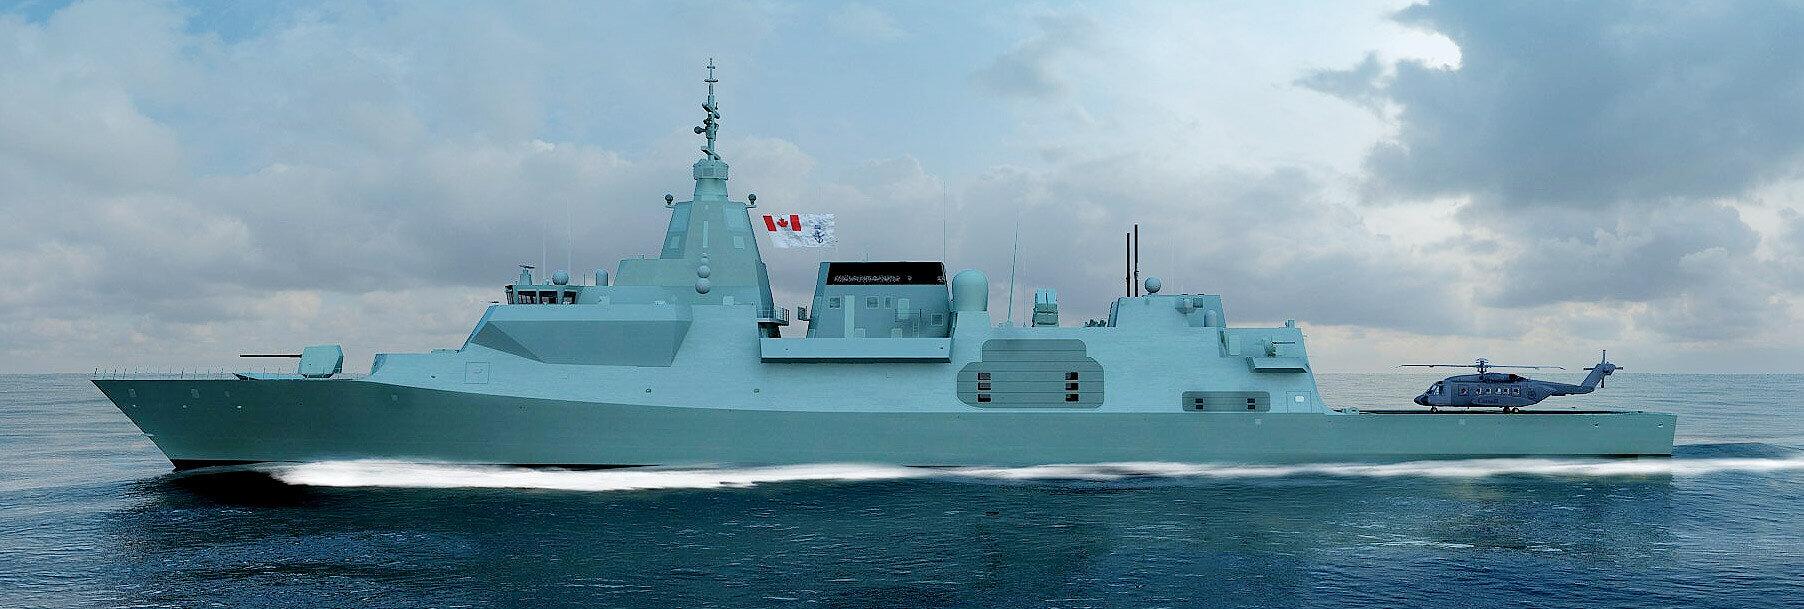 Canada Type 26 Frigate